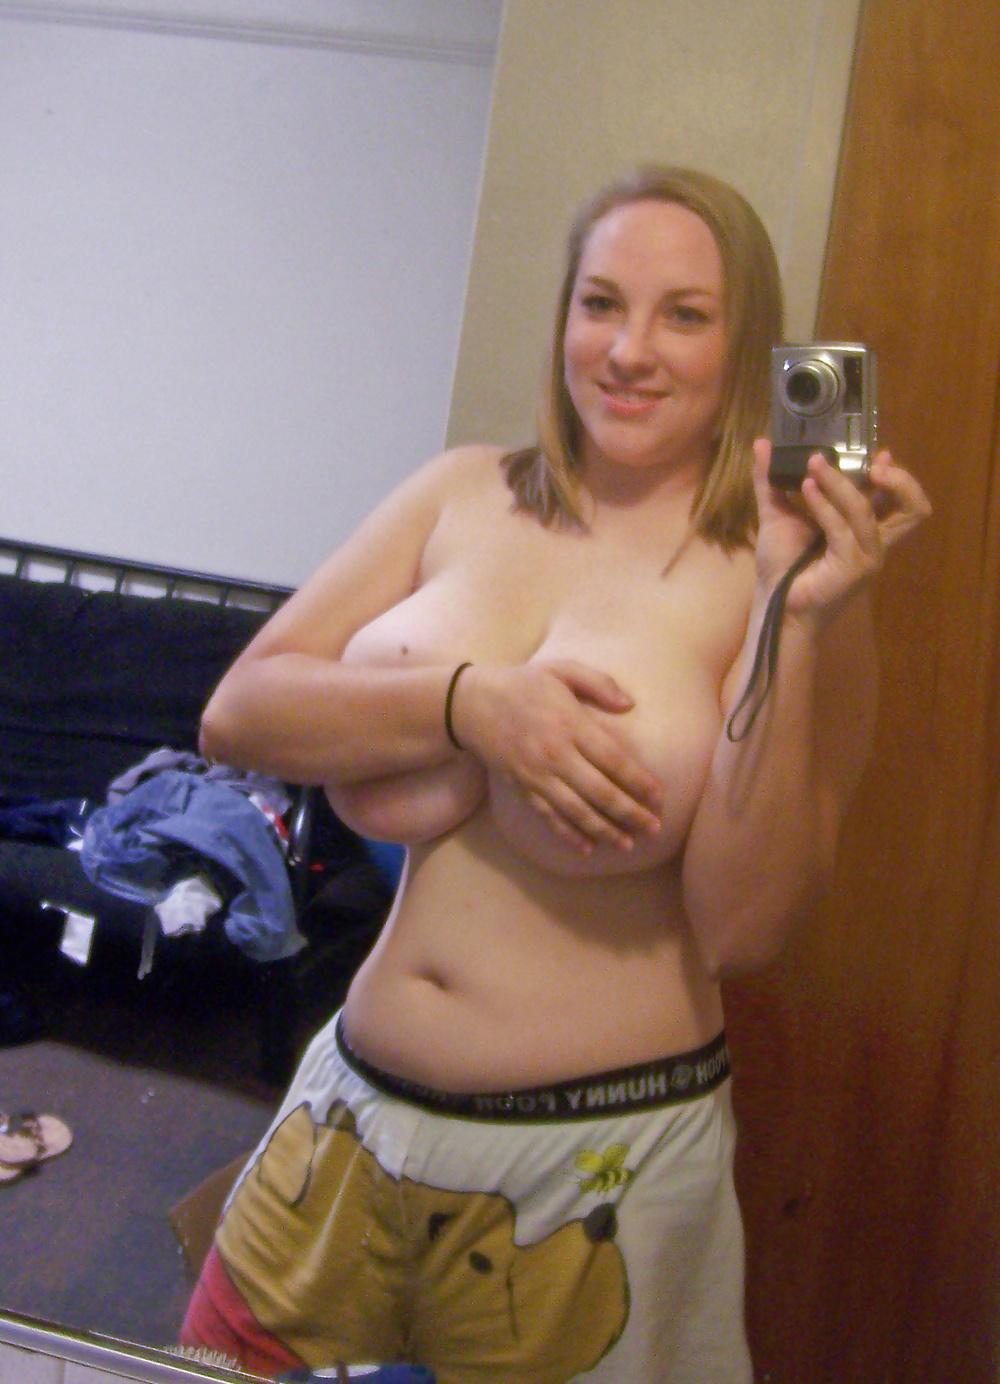 nude photos of natasha richardson